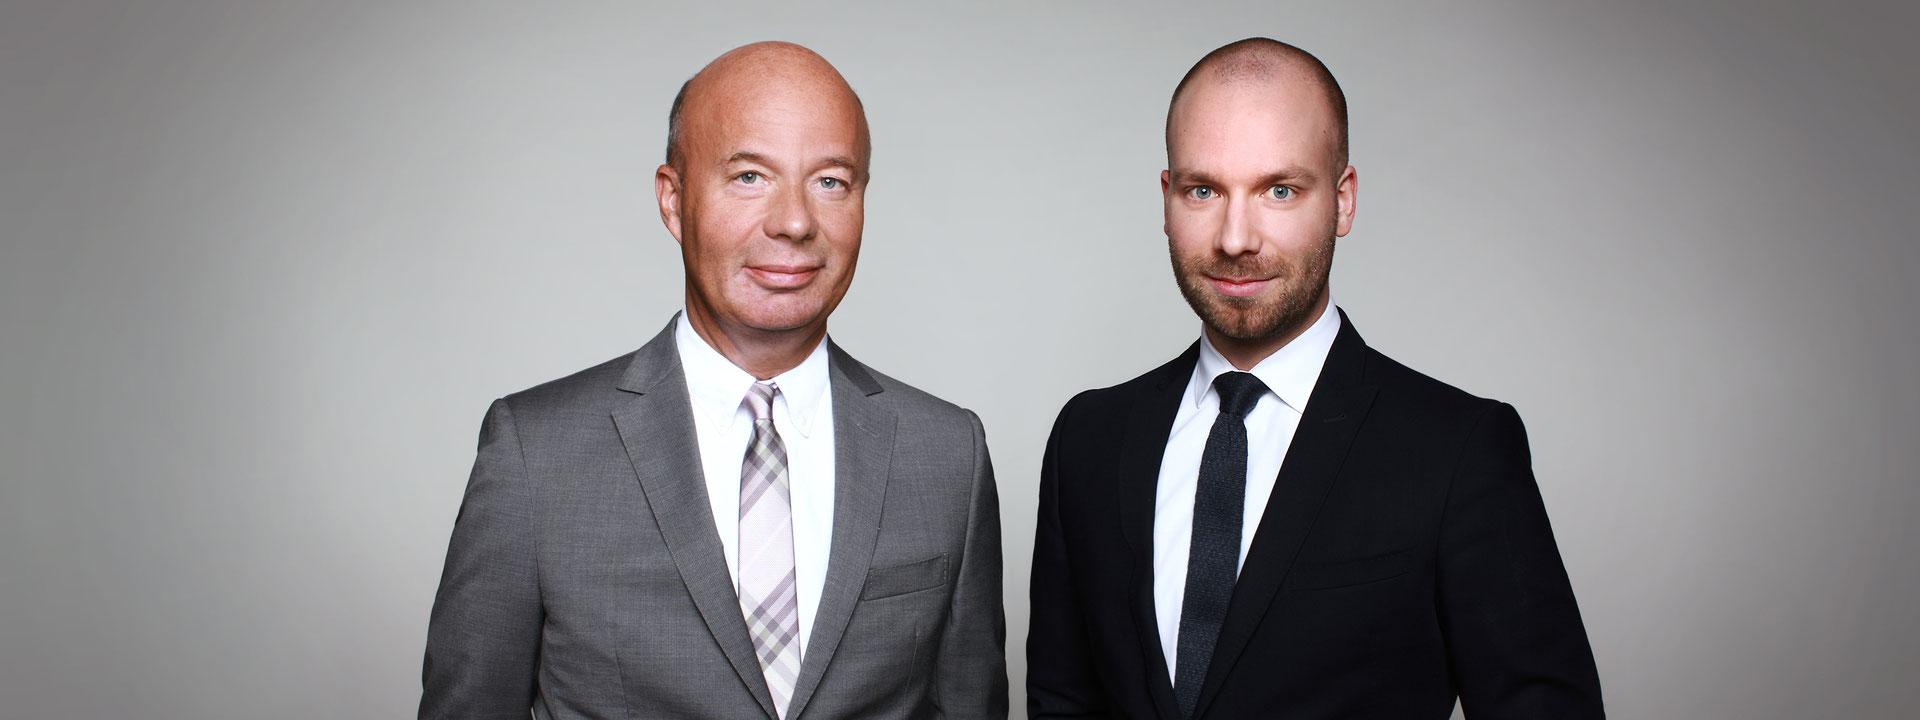 Die Immobilienwirte Thomas und Mathias Schulenburg ...